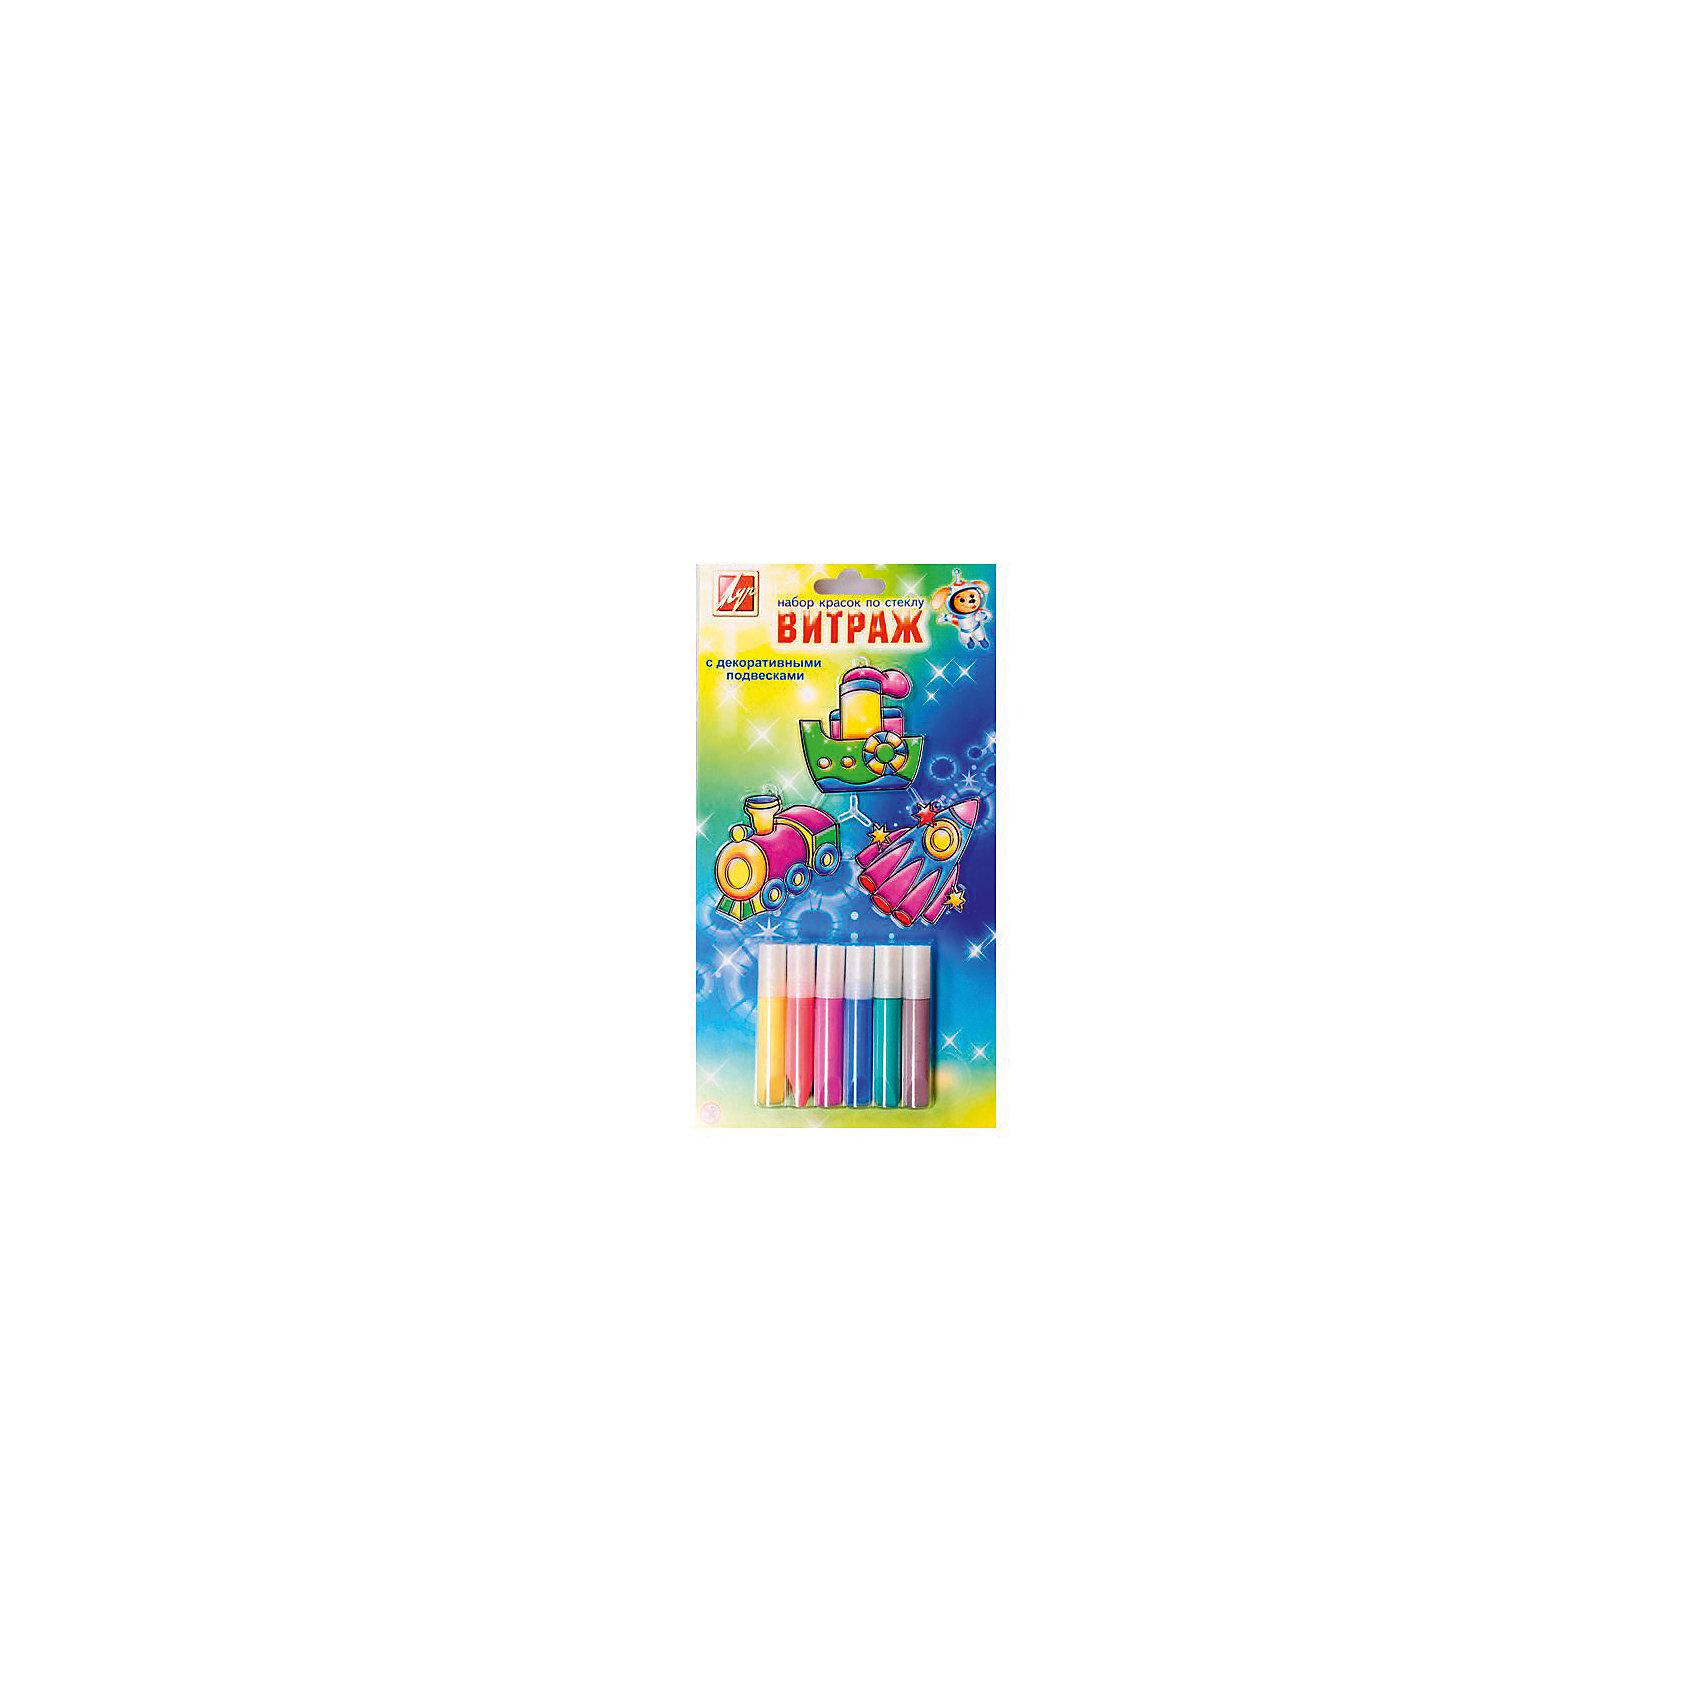 Набор витражных красок с декоративными подвесками Веселое путешествиеХарактеристики:<br><br>• Предназначение: для занятий художественным творчеством<br>• Пол: для мальчика<br>• Тематика шаблонов: транспорт<br>• Количество цветов: 6 цветов в тюбиках<br>• Комплектация: краски, пленка-файл, шаблоны-подвески<br>• Тип краски: витражная<br>• Материал: акриловые краски, пластик<br>• Размеры упаковки (Д*Ш*В): 28*2*16 см<br>• Вес упаковки: 110 г <br>• Упаковка: блистер на картоне<br><br>Набор витражных красок с декоративными подвесками Веселое путешествие от ведущего производителя канцелярии и товаров для творчества Луч состоят из материалов и приспособлений, необходимых для создания витражей. Набор включает в себя 6 тюбиков с красками и подвесками-шаблонами форм различных транспортных средств. Витражные краски от Луча отличаются яркостью и стойкостью цветов, краски при нанесении на поверхность не растекаются, хорошо переносят перепады температуры и влажности. Набор предназначен для создания объемных аппликаций и подвесок для декора интерьера. Особый состав красок обеспечивает длительную сохранность яркости цвета. Краски гипоаллергенны, не имеют запаха, поэтому они безопасны для детского творчества. <br>Занятия художественным творчеством развивают мелкую моторику рук, способствуют формированию художественно-эстетического вкуса и дарят хорошее настроение не только ребенку, но и окружающим!<br><br>Набор витражных красок с декоративными подвесками Веселое путешествие можно купить в нашем интернет-магазине.<br><br>Ширина мм: 155<br>Глубина мм: 15<br>Высота мм: 283<br>Вес г: 115<br>Возраст от месяцев: 36<br>Возраст до месяцев: 180<br>Пол: Унисекс<br>Возраст: Детский<br>SKU: 5188799